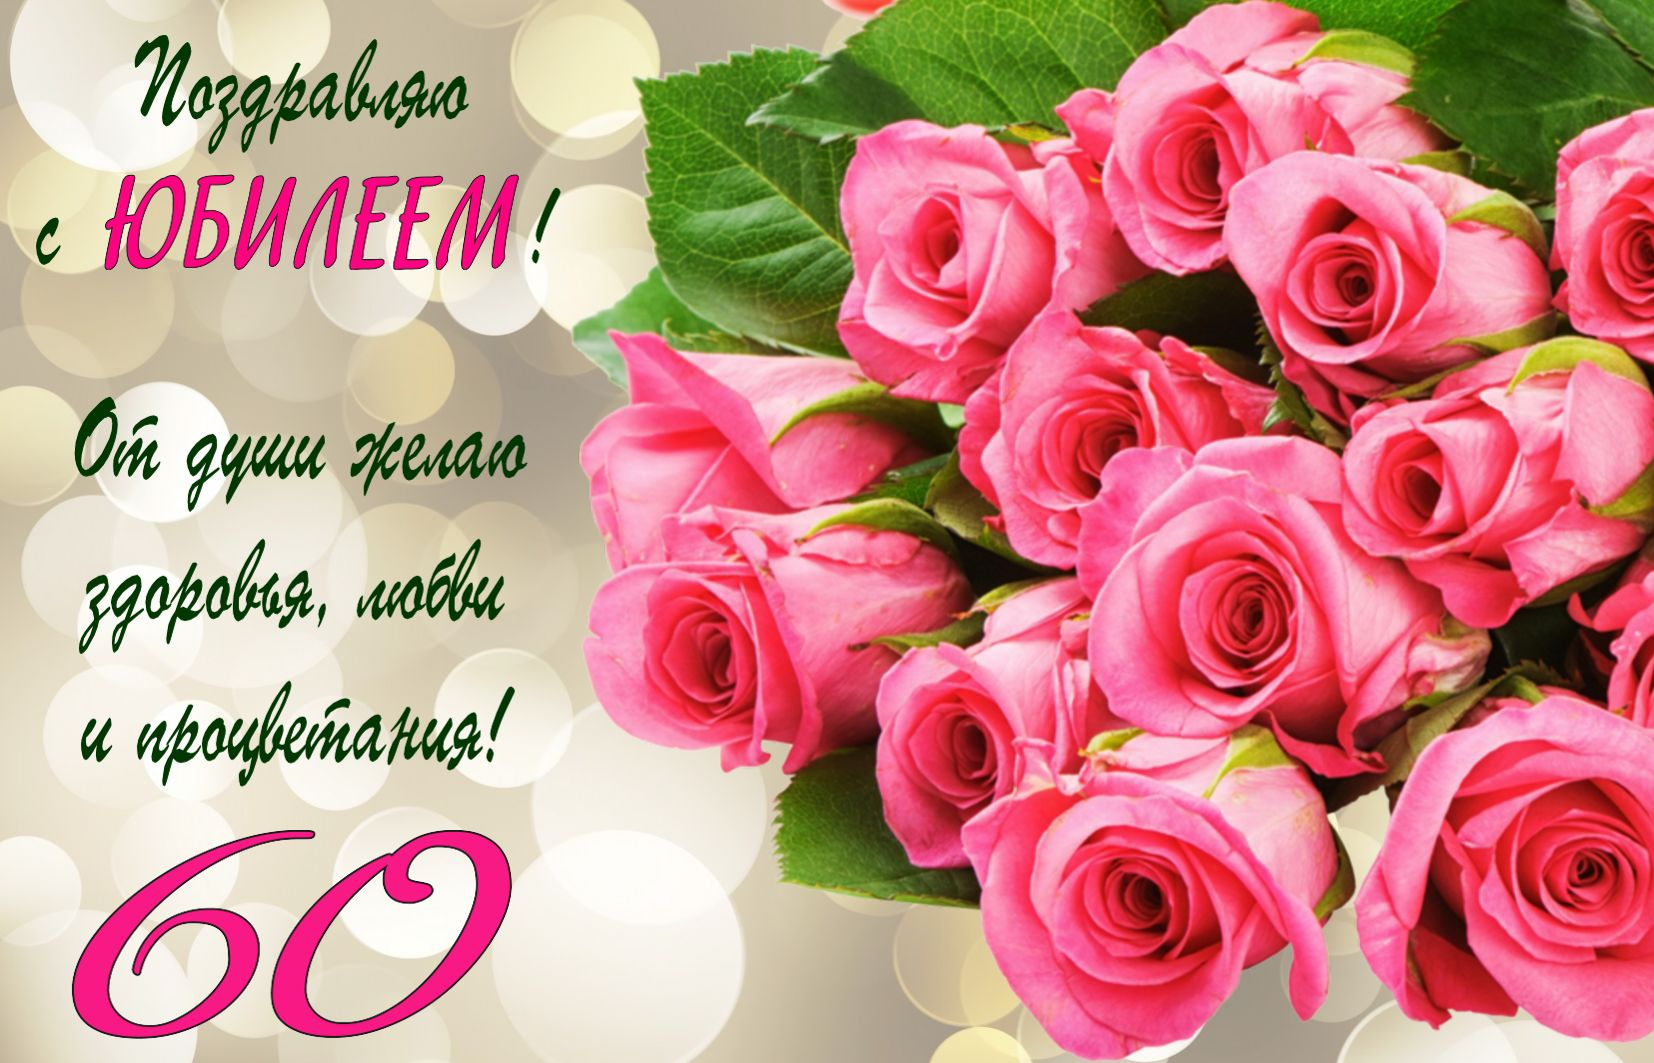 Поздравления с днем юбилеем на 60 женщине